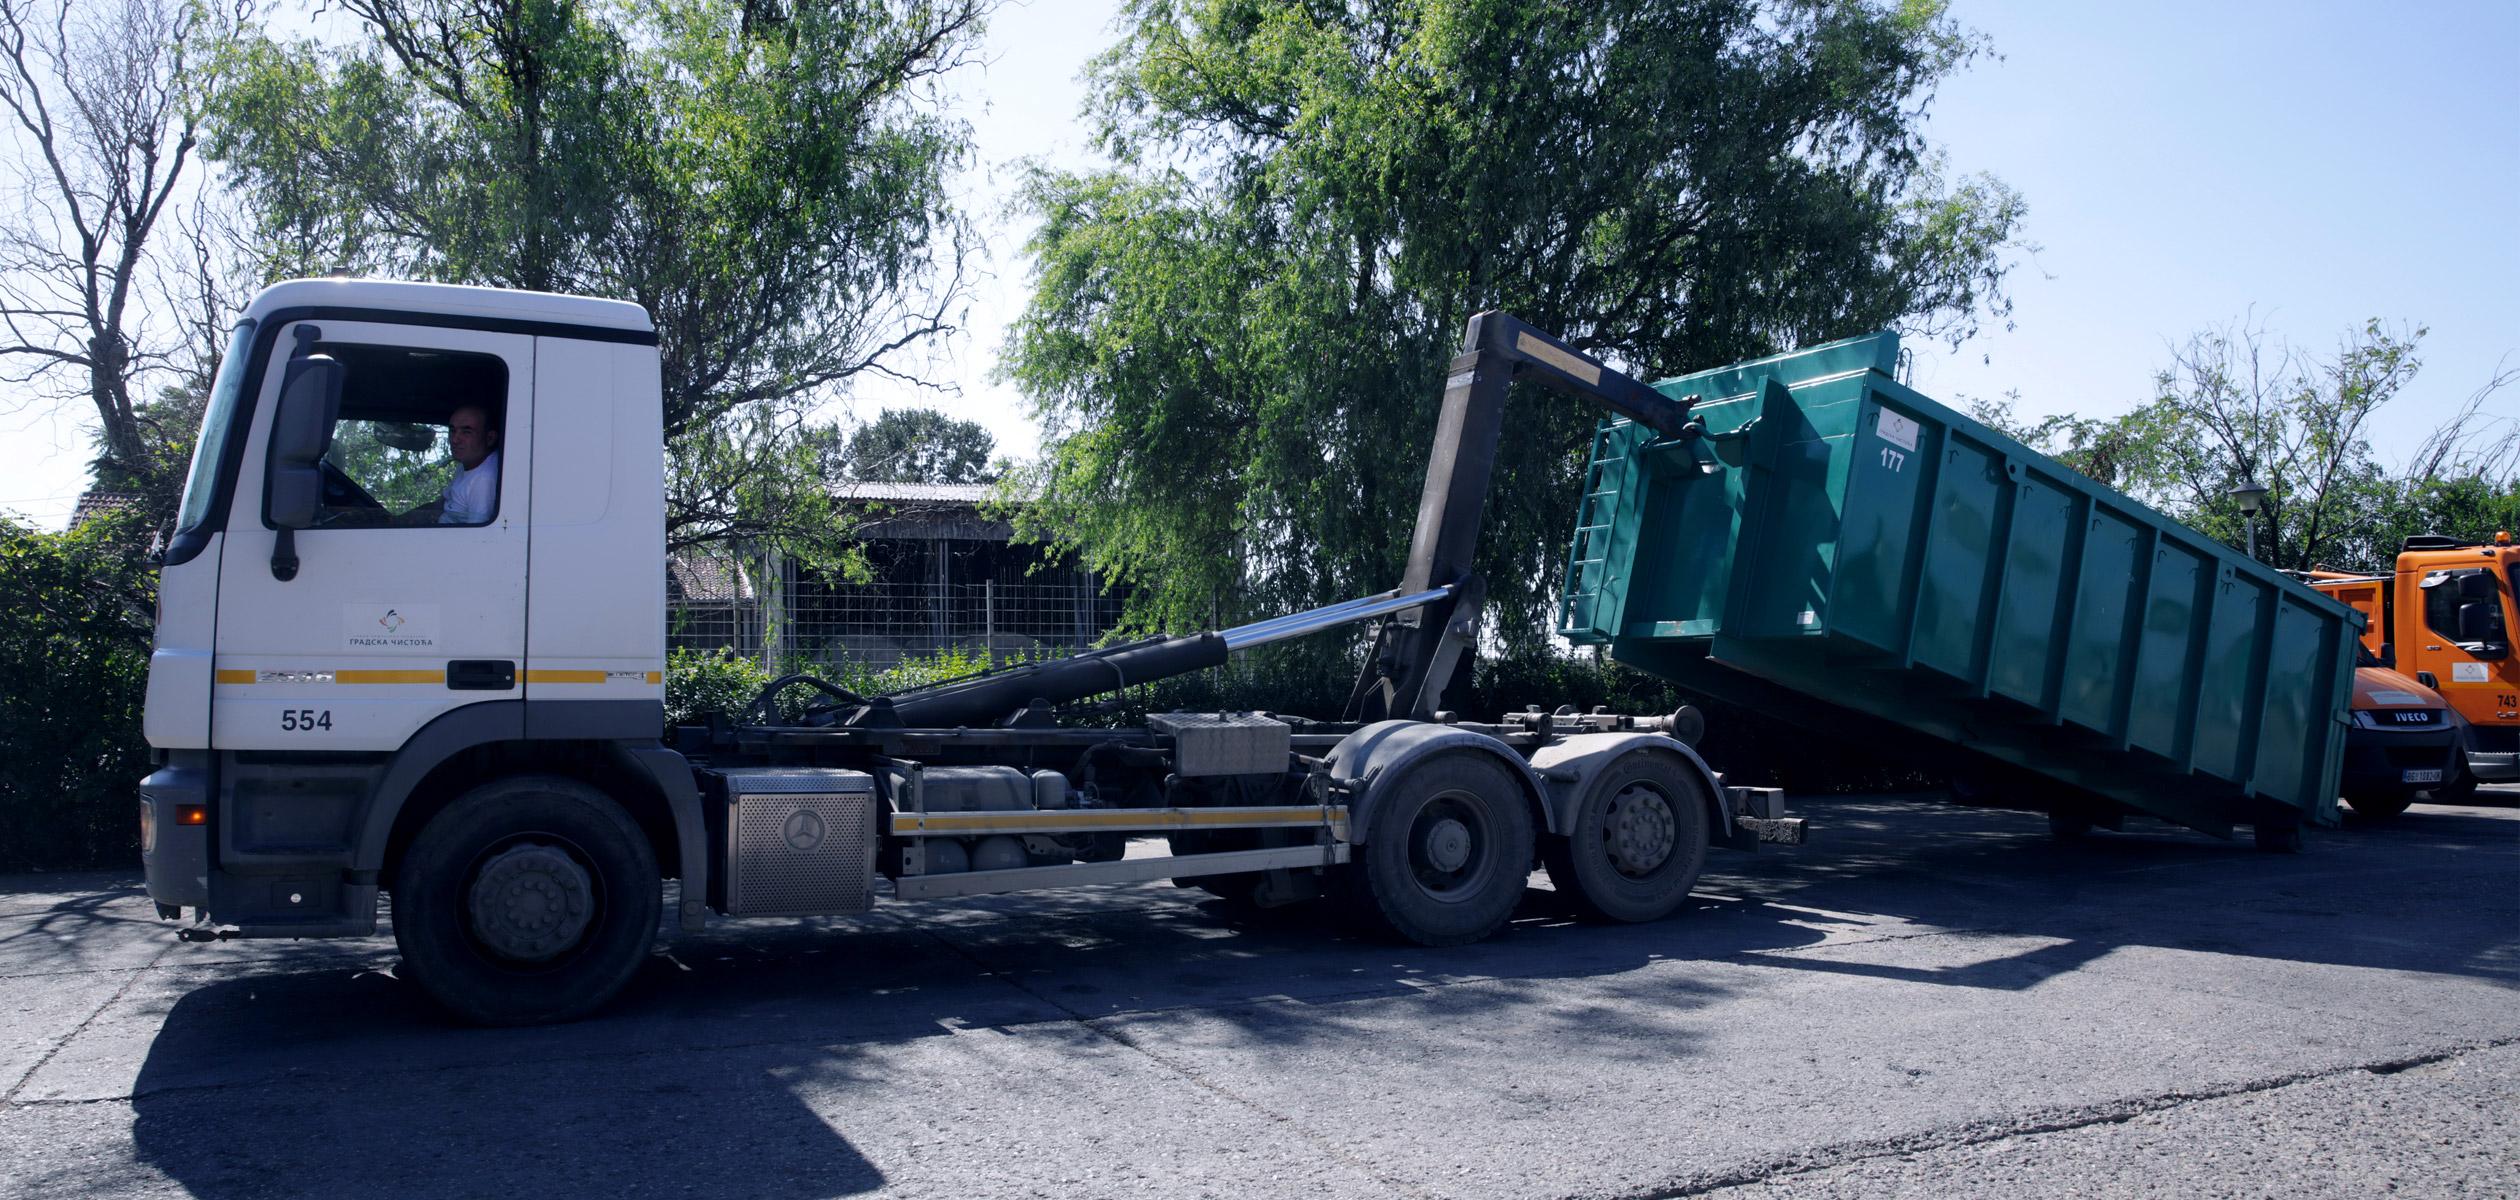 kamion-gradska-cistoca.jpg